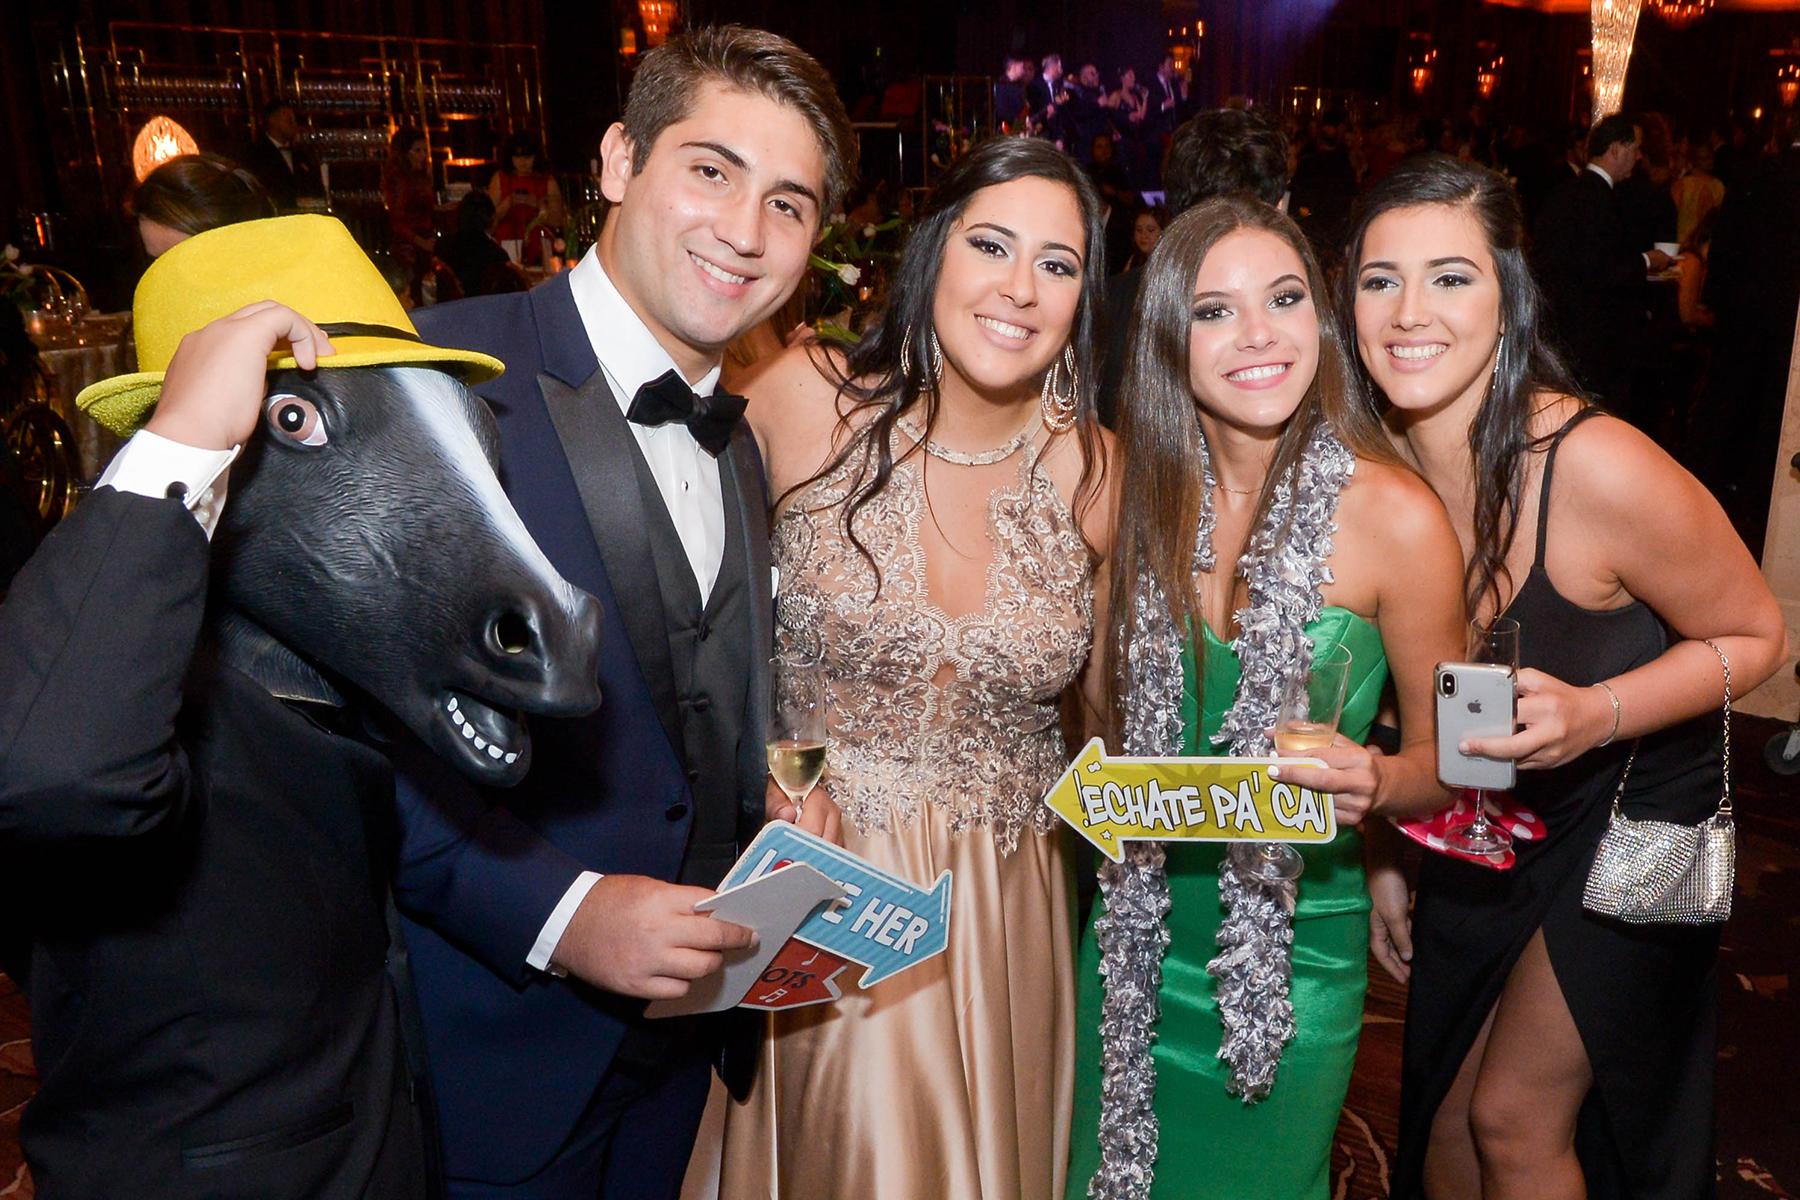 Martín González, Cecilia Marquez, Camila Arvelo y Juliana Márquez en el photo booth de Flipéate en el Senior Prom de Baldwin School. (Foto Enid M. Salgado Mercado)